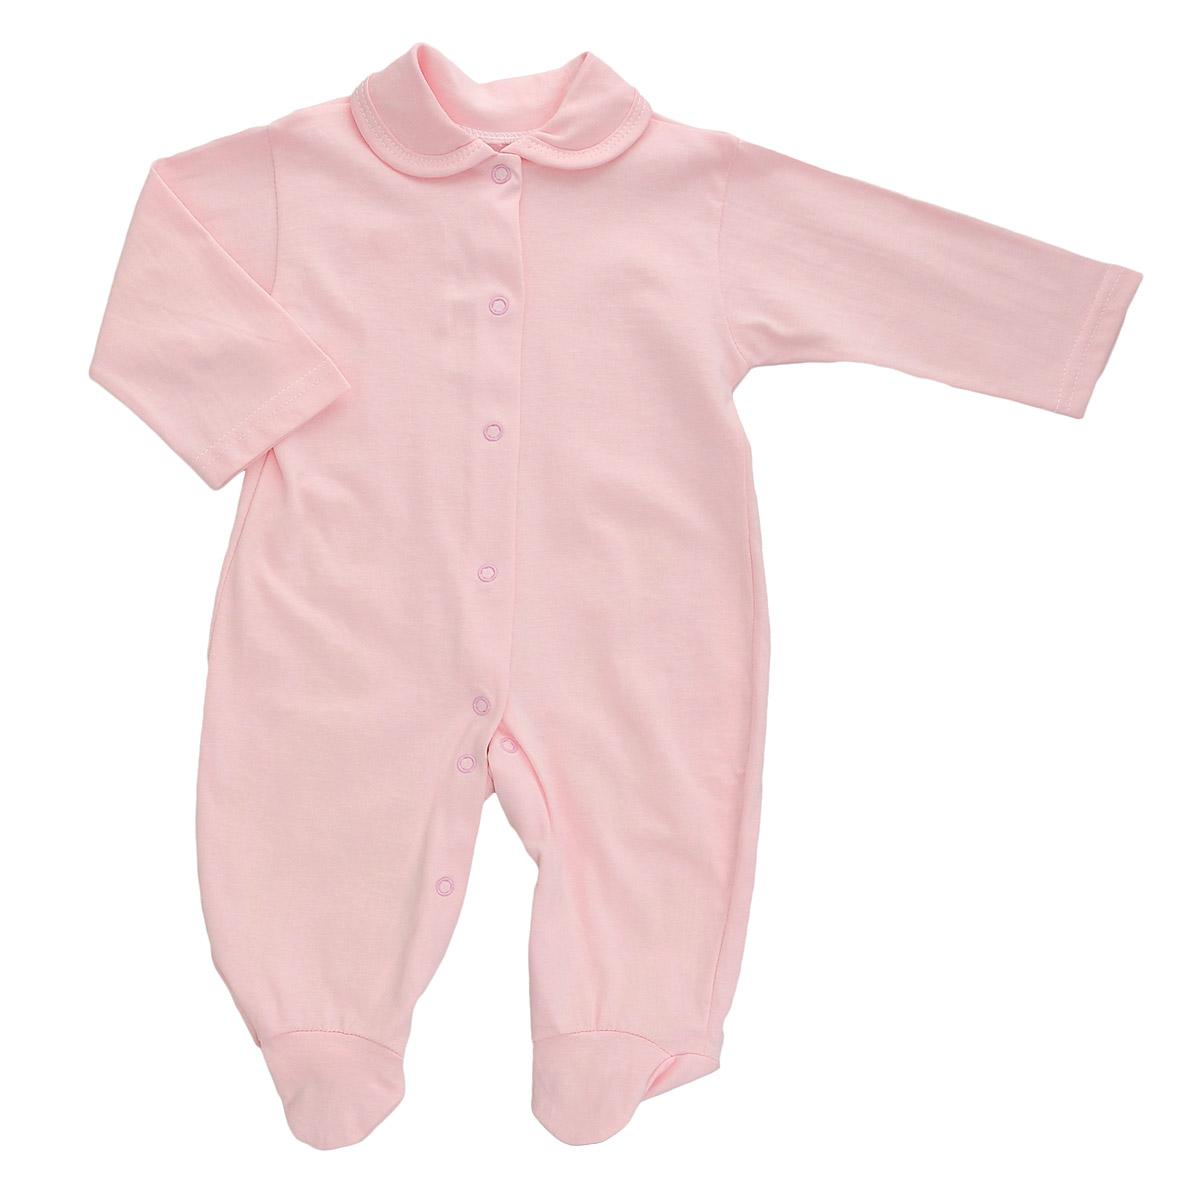 Комбинезон детский Трон-Плюс, цвет: розовый. 5805. Размер 56, 1 месяц5805Детский комбинезон Трон-Плюс - очень удобный и практичный вид одежды для малышей. Комбинезон выполнен из кулирного полотна - натурального хлопка, благодаря чему он необычайно мягкий и приятный на ощупь, не раздражает нежную кожу ребенка, и хорошо вентилируются, а эластичные швы приятны телу малыша и не препятствуют его движениям. Комбинезон с длинными рукавами, закрытыми ножками и отложным воротничком имеет застежки-кнопки от горловины до щиколоток, которые помогают легко переодеть младенца или сменить подгузник. С детским комбинезоном спинка и ножки вашего малыша всегда будут в тепле, он идеален для использования днем и незаменим ночью. Комбинезон полностью соответствует особенностям жизни младенца в ранний период, не стесняя и не ограничивая его в движениях!